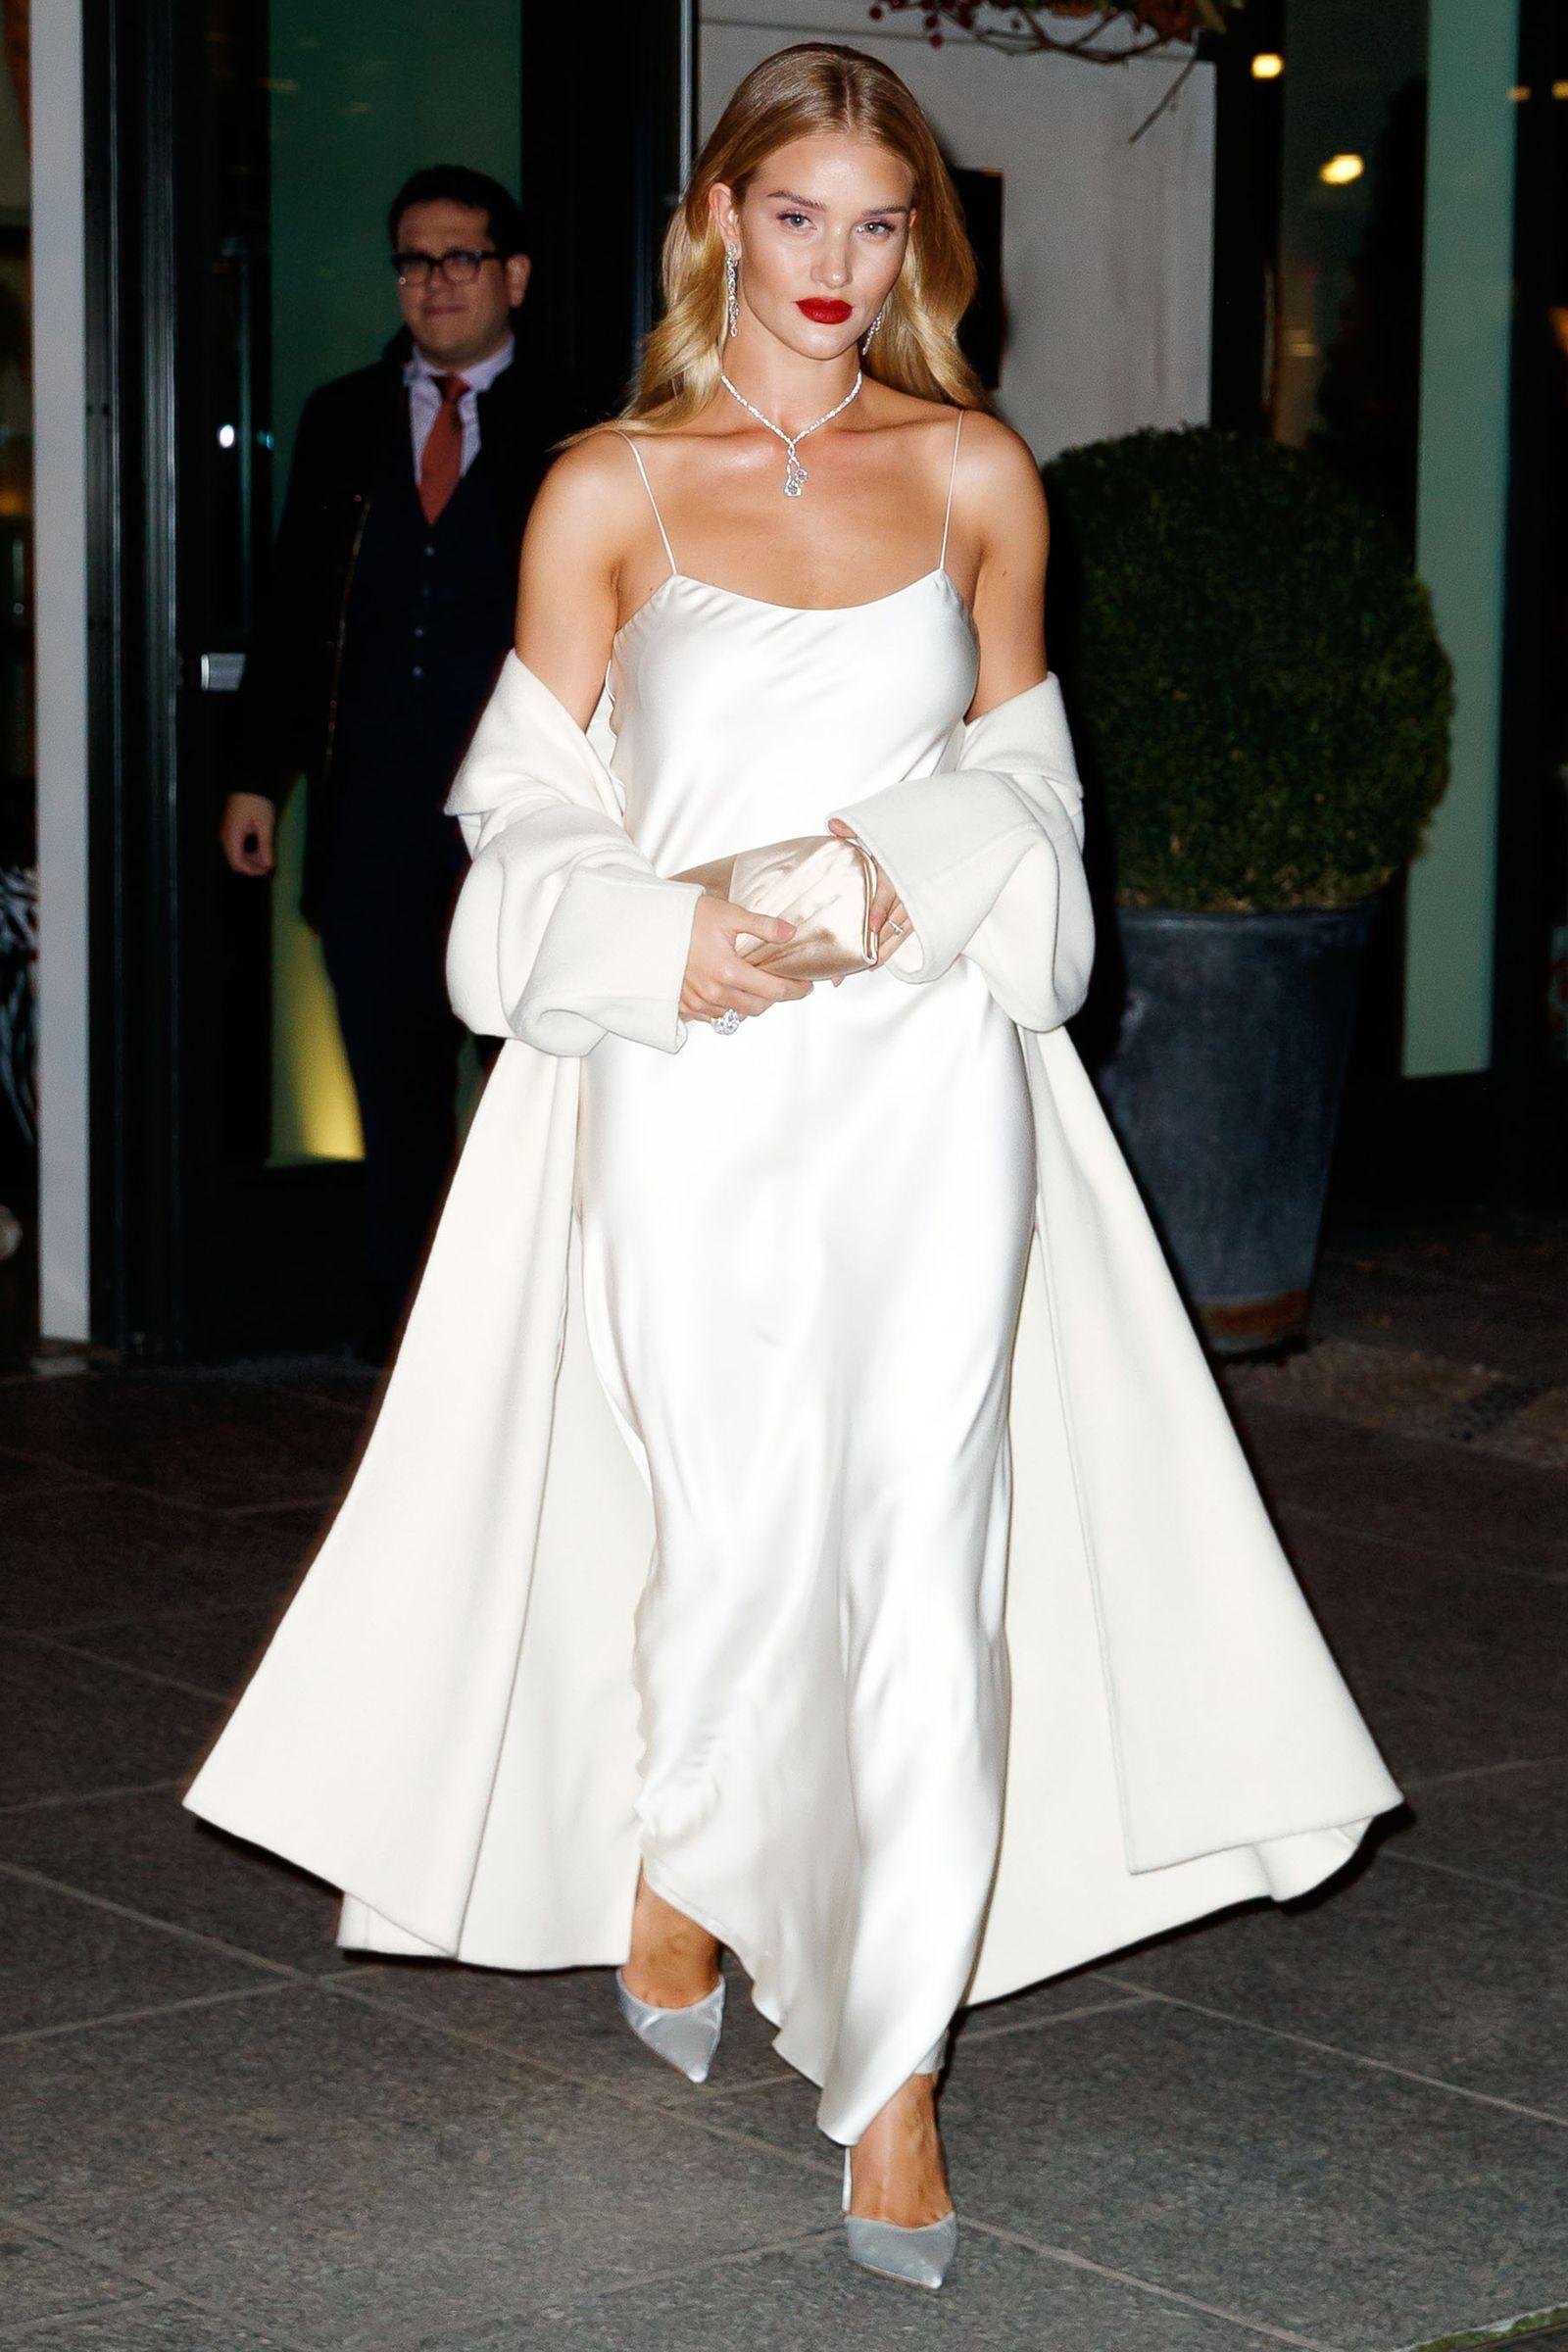 đầm slip dress lộng lẫy cho bữa tiệc tối Rosie Huntington-Whiteley